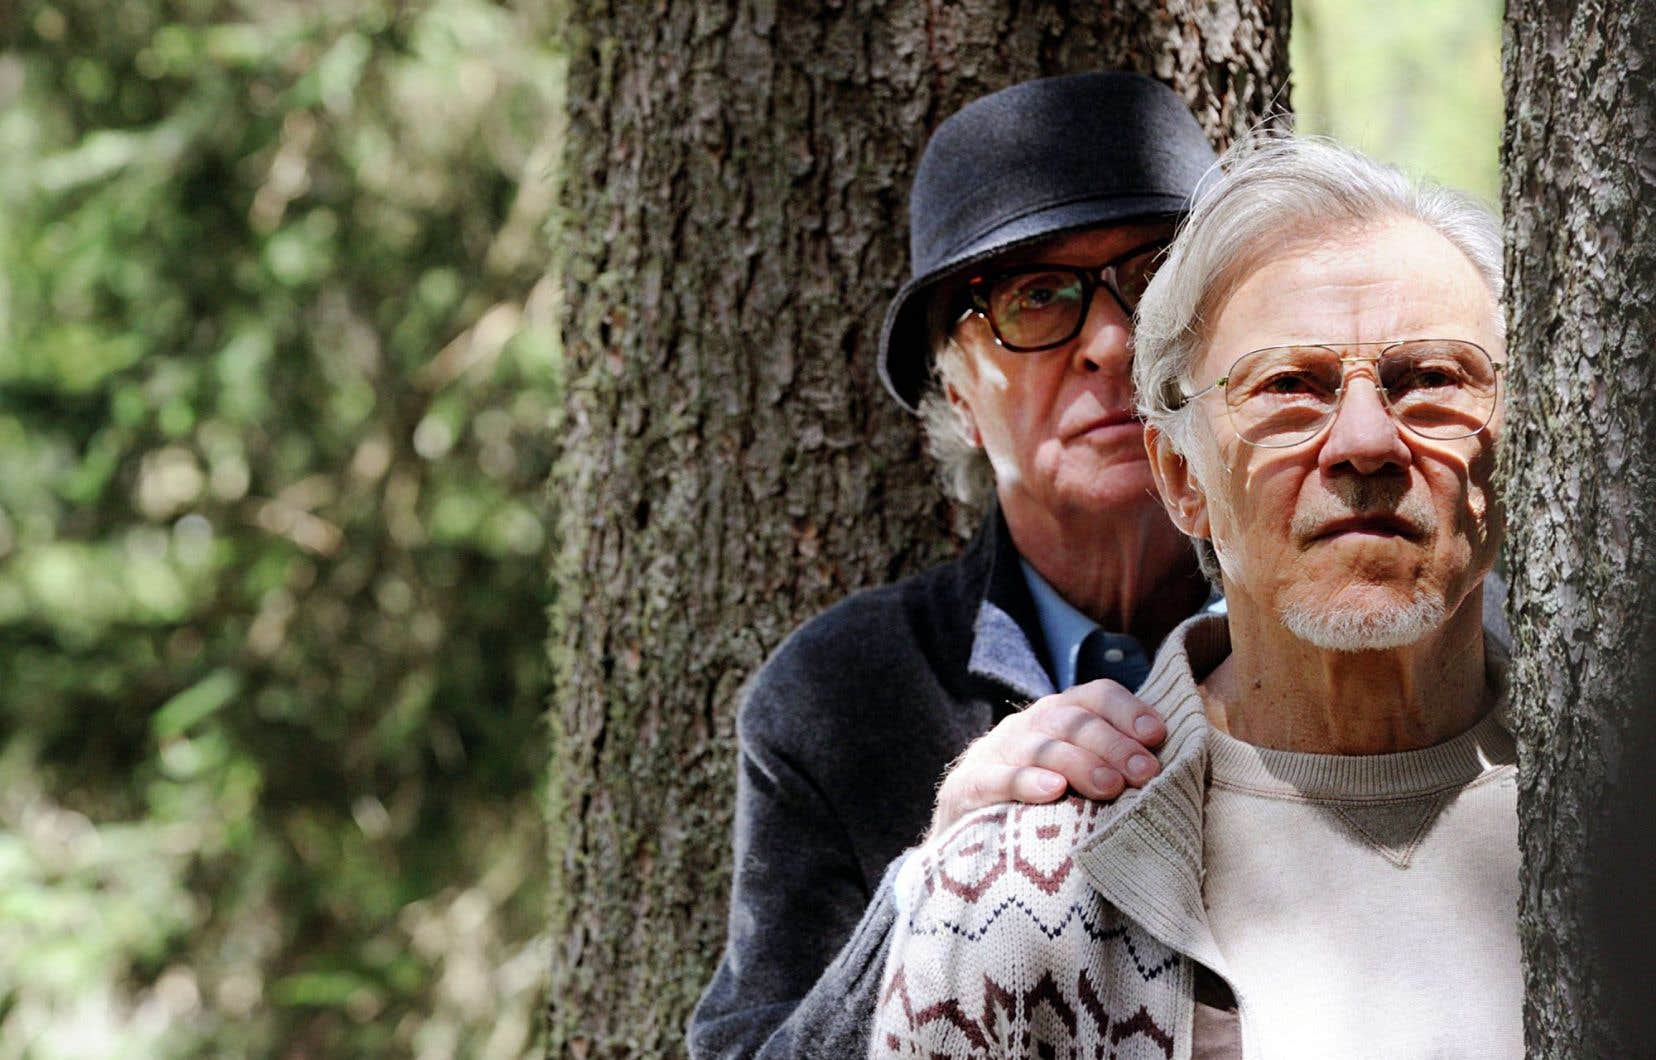 Le tandem formé par Harvey Keitel et Michael Caine, réunis pour la première fois, est un délice.